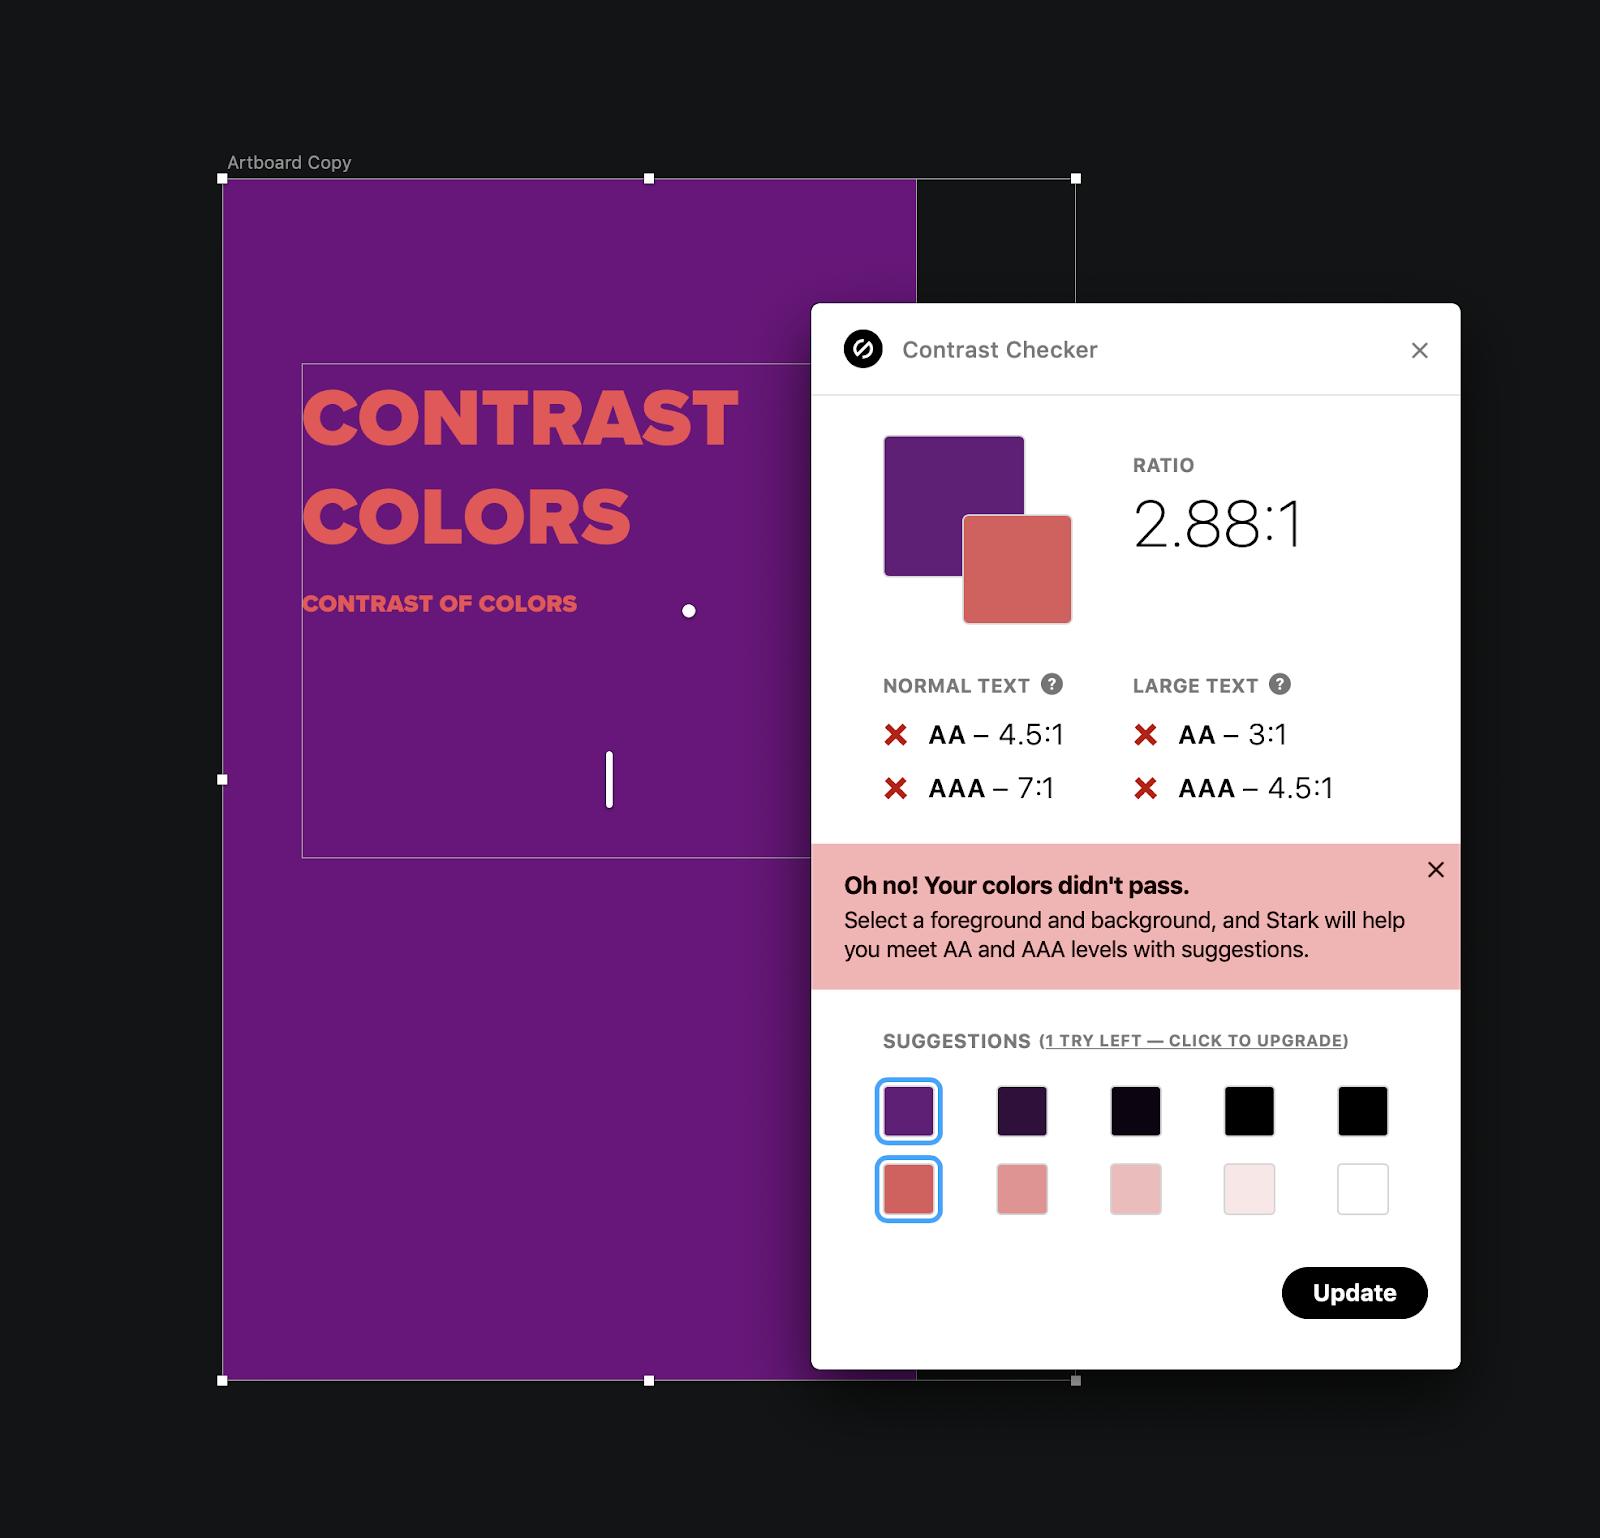 la fonctionnalité suggestion de couleurs de Stark pour assurer l'accessibilité web